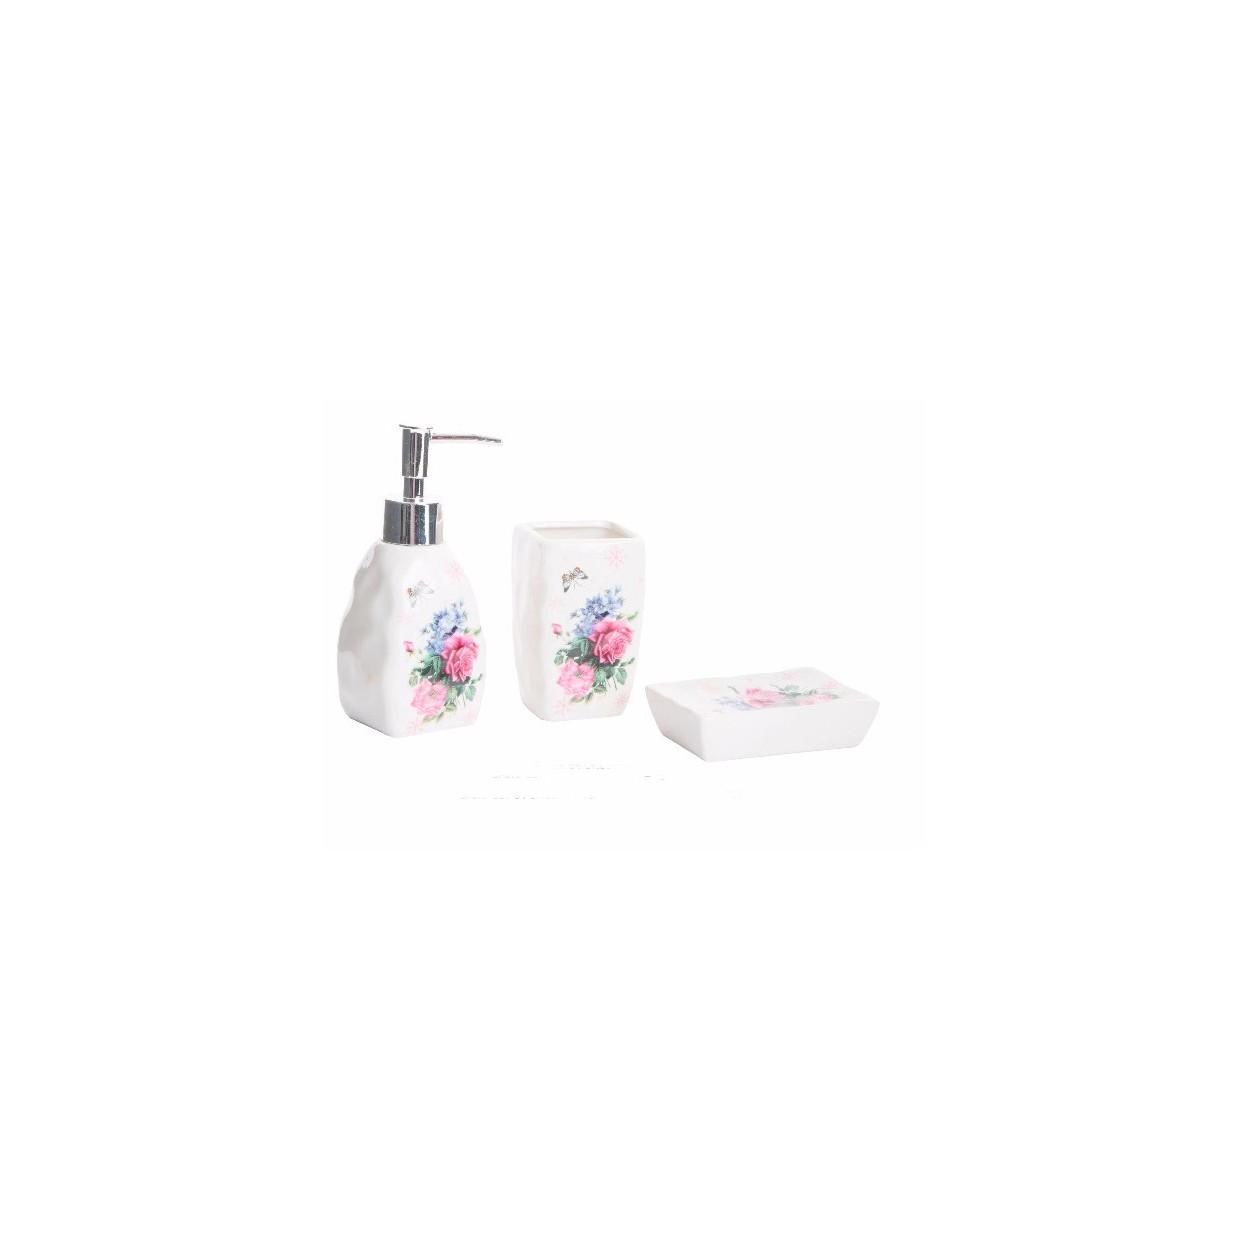 Comprar conjunto de ba o en porcelana para tu hogar for Conjunto de accesorios para bano